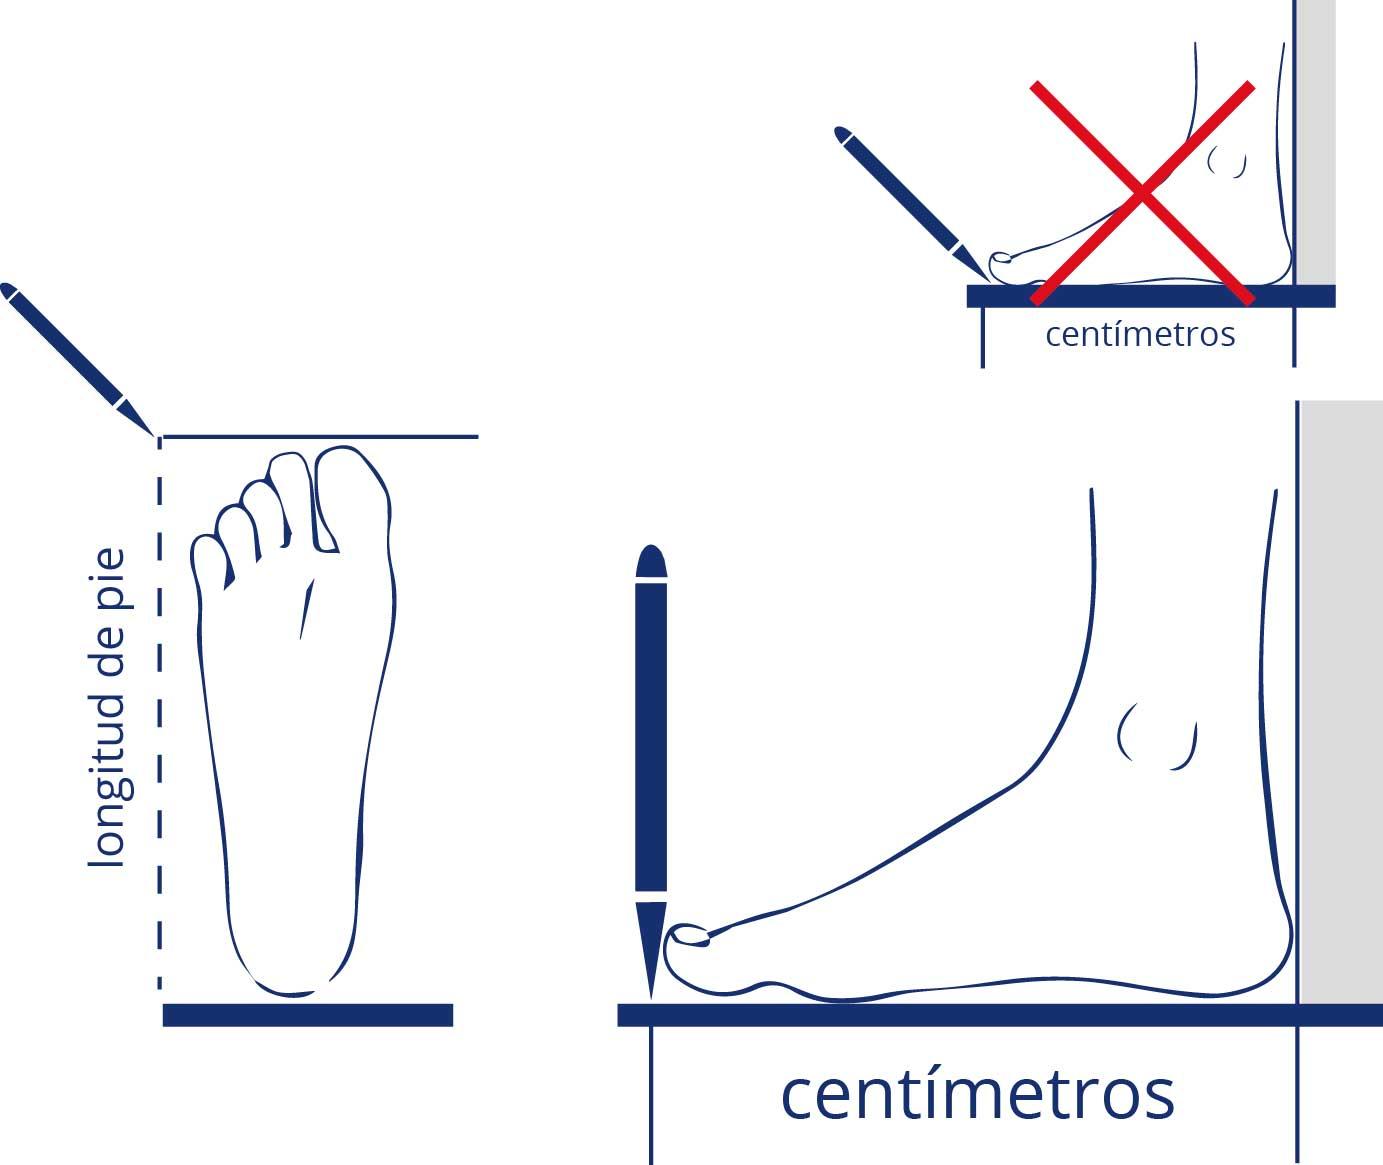 測量鞋子尺寸